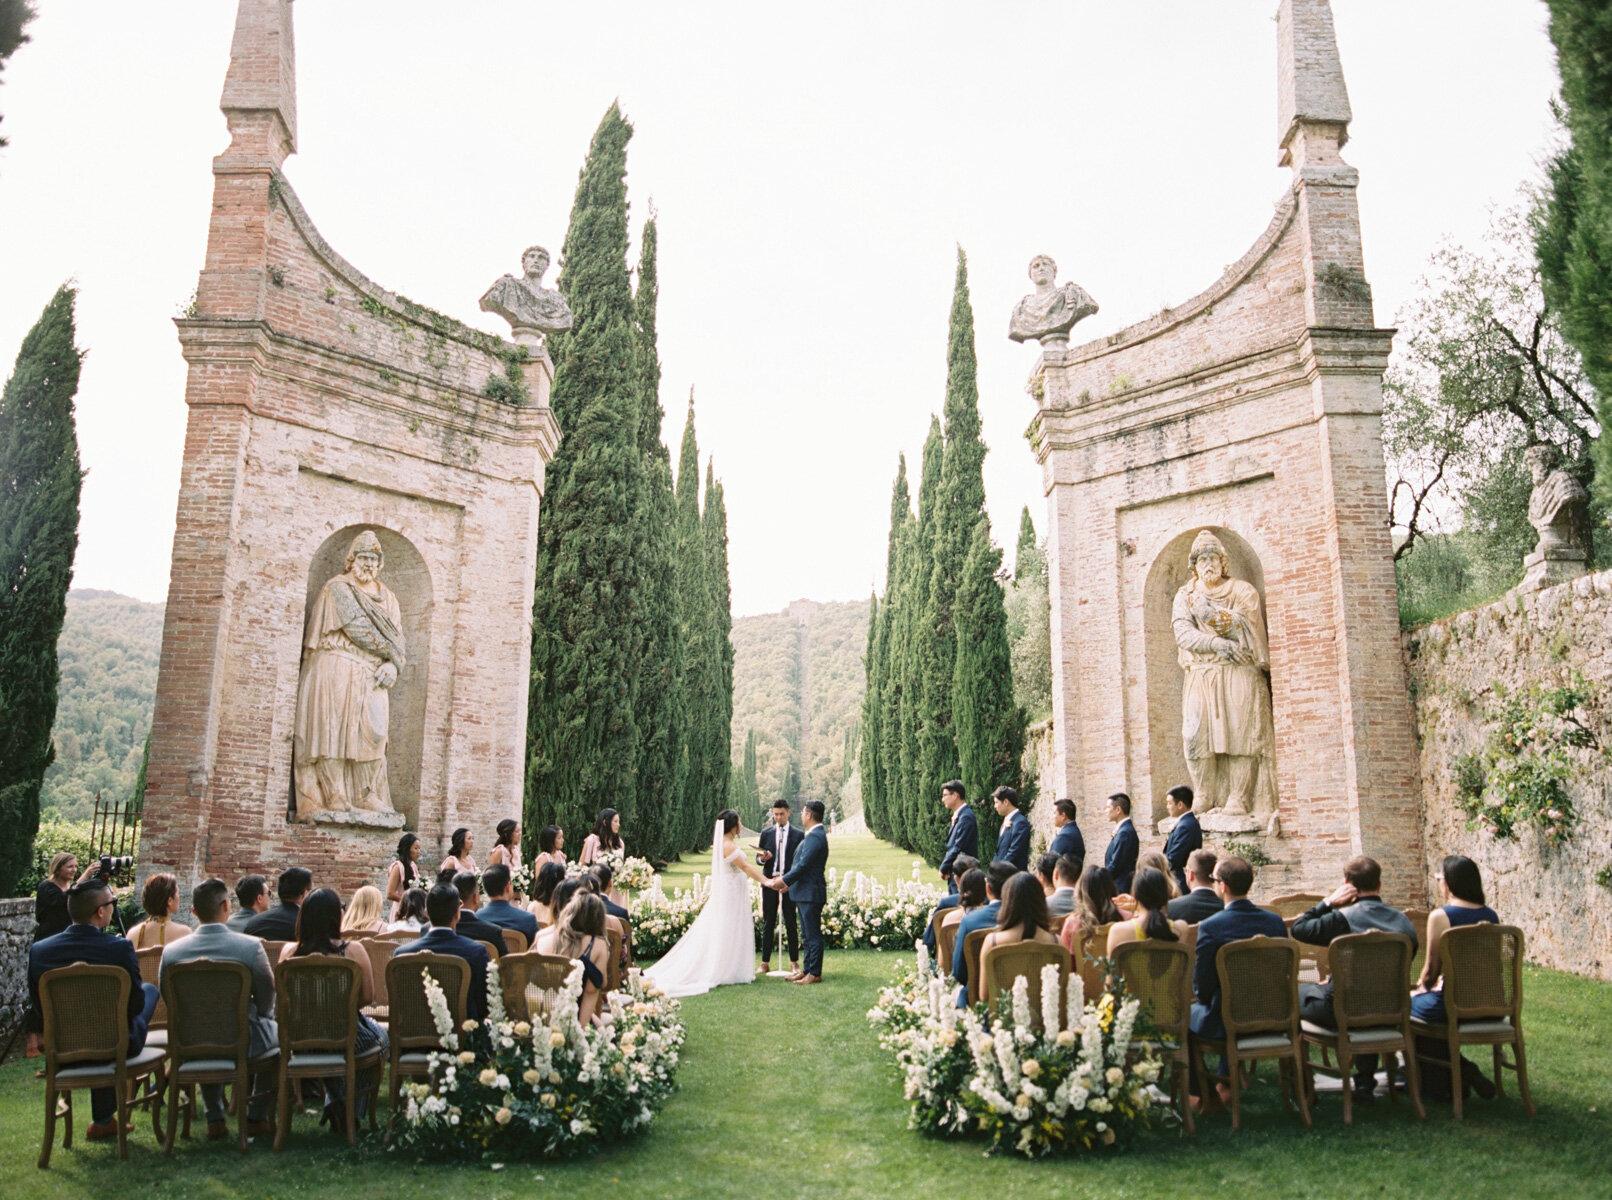 Villa-Cetinale-Tuscany-Katie-Grant-destination-wedding (67 of 115).jpg